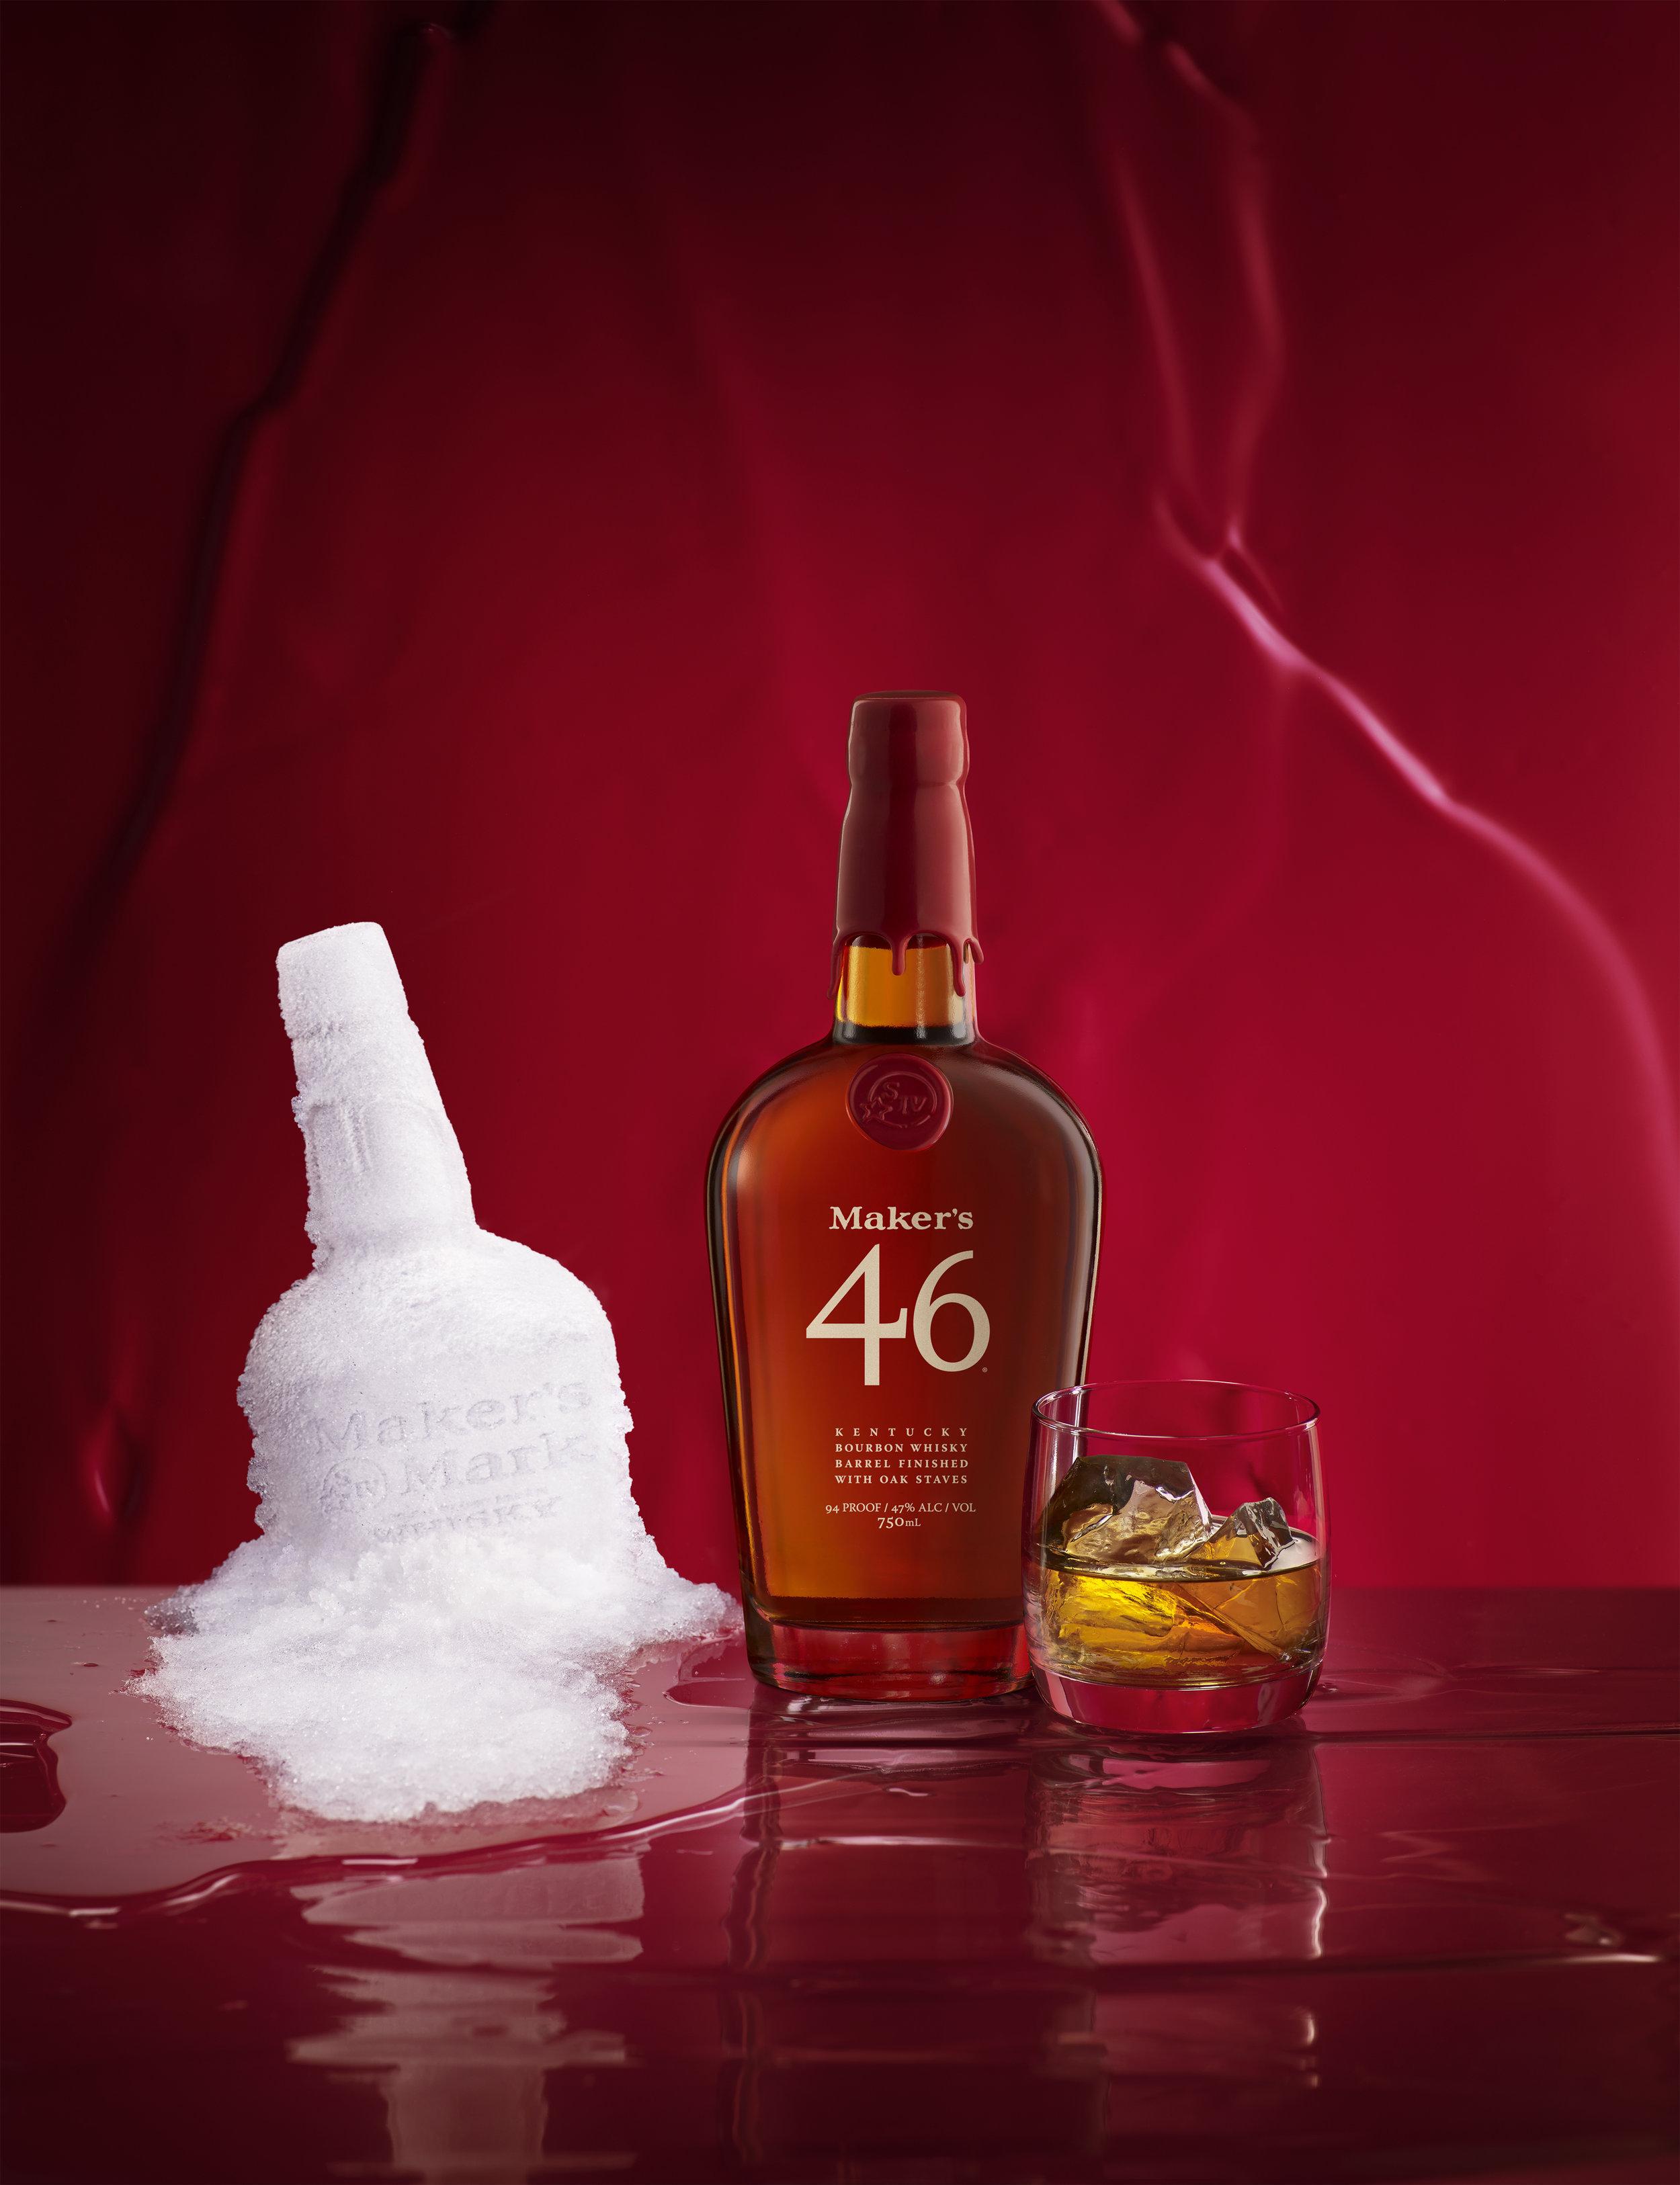 makers_snow_bottle_@465.jpg